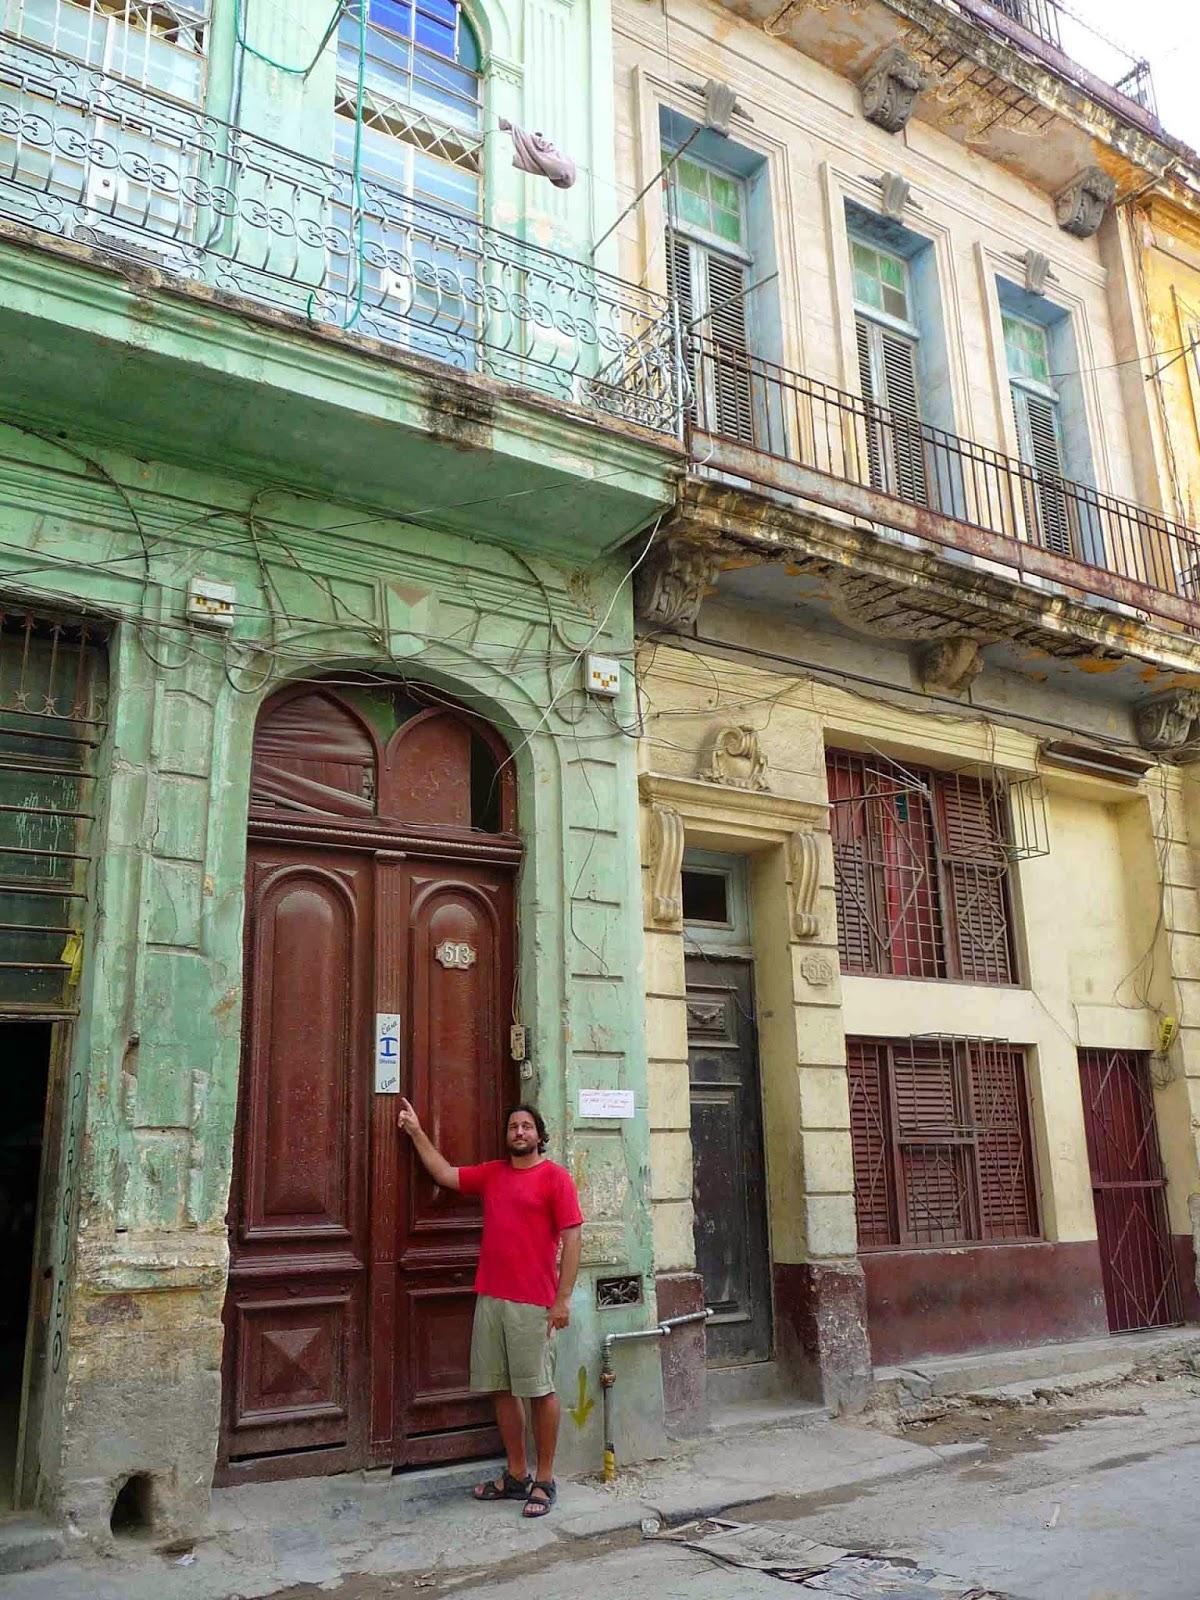 Casa de ana y chuchi hospedaje hostel hotel habitacion alojamiento casa de familia casa - La casa de ana ...